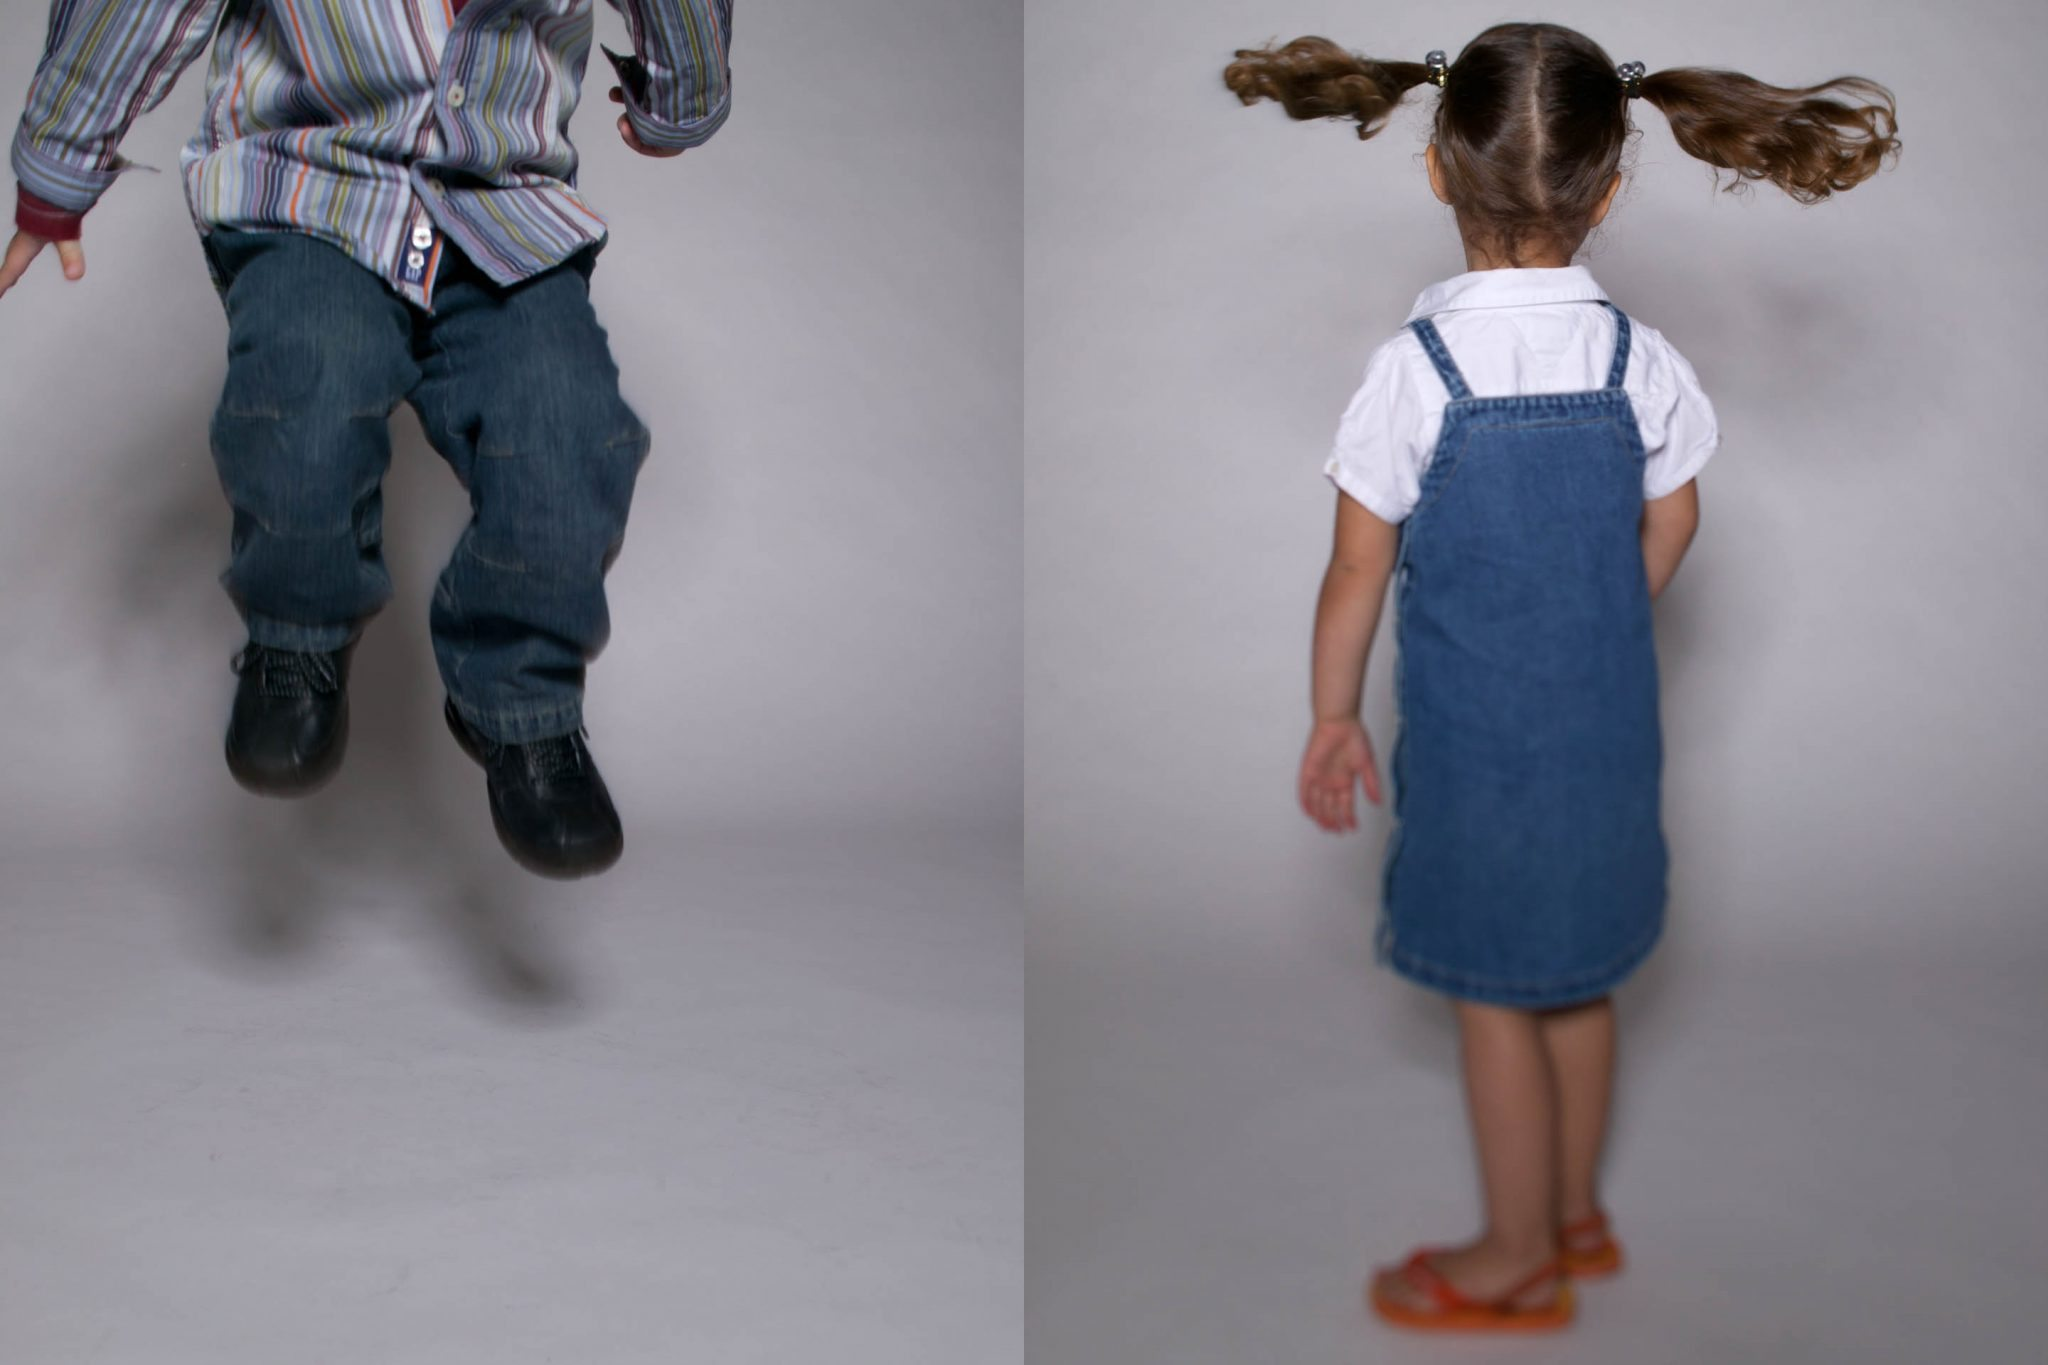 kids_motion-1.jpg